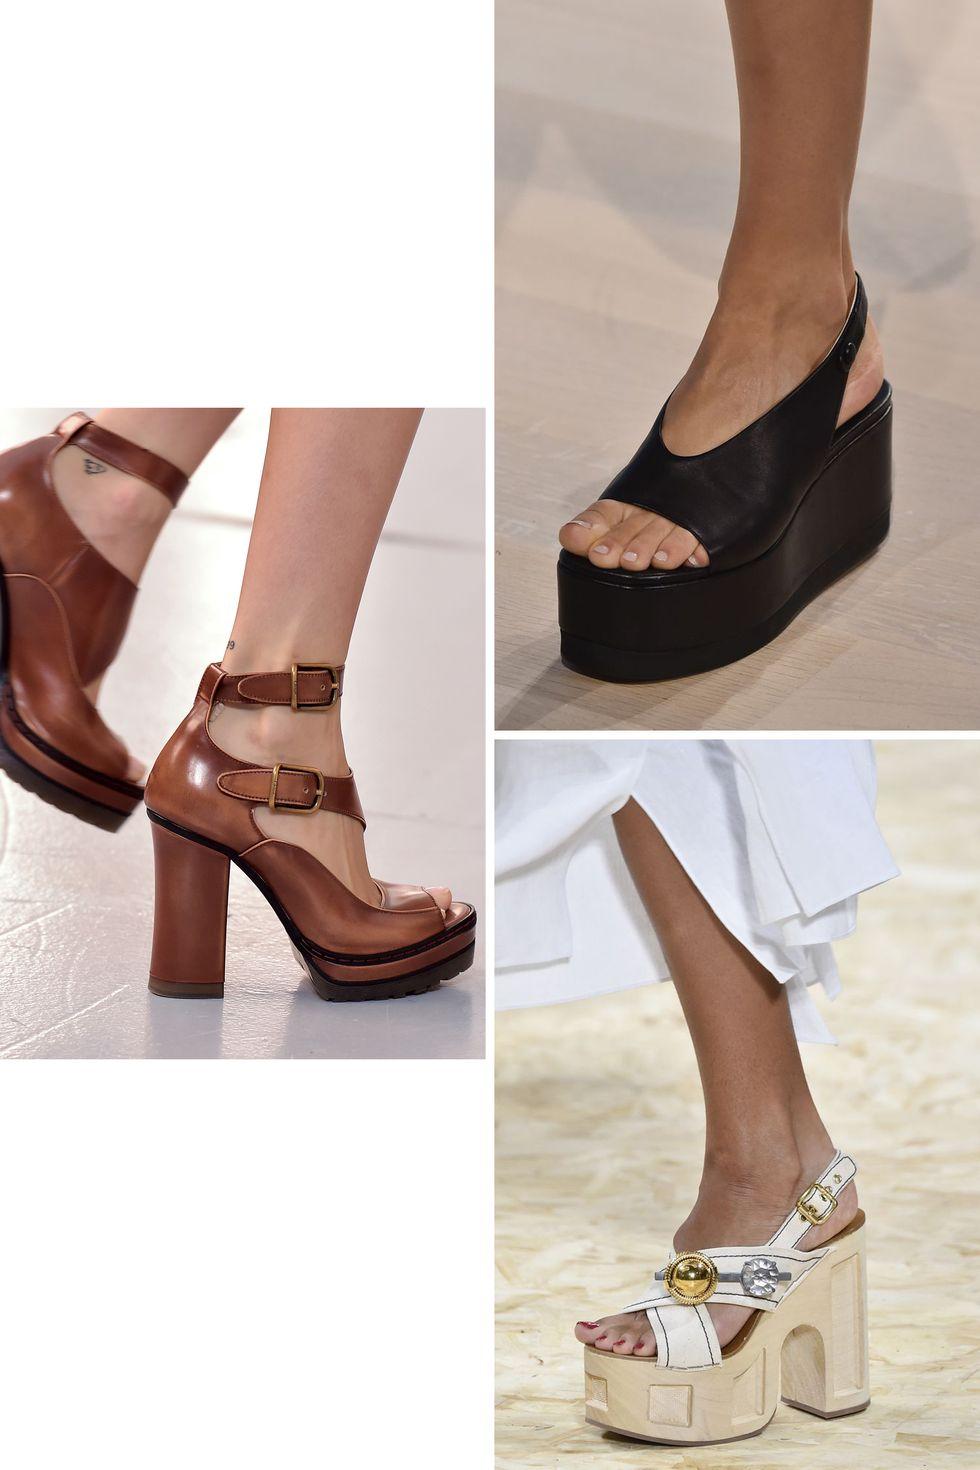 7 xu hướng giày dép thống trị năm 2020 - 5